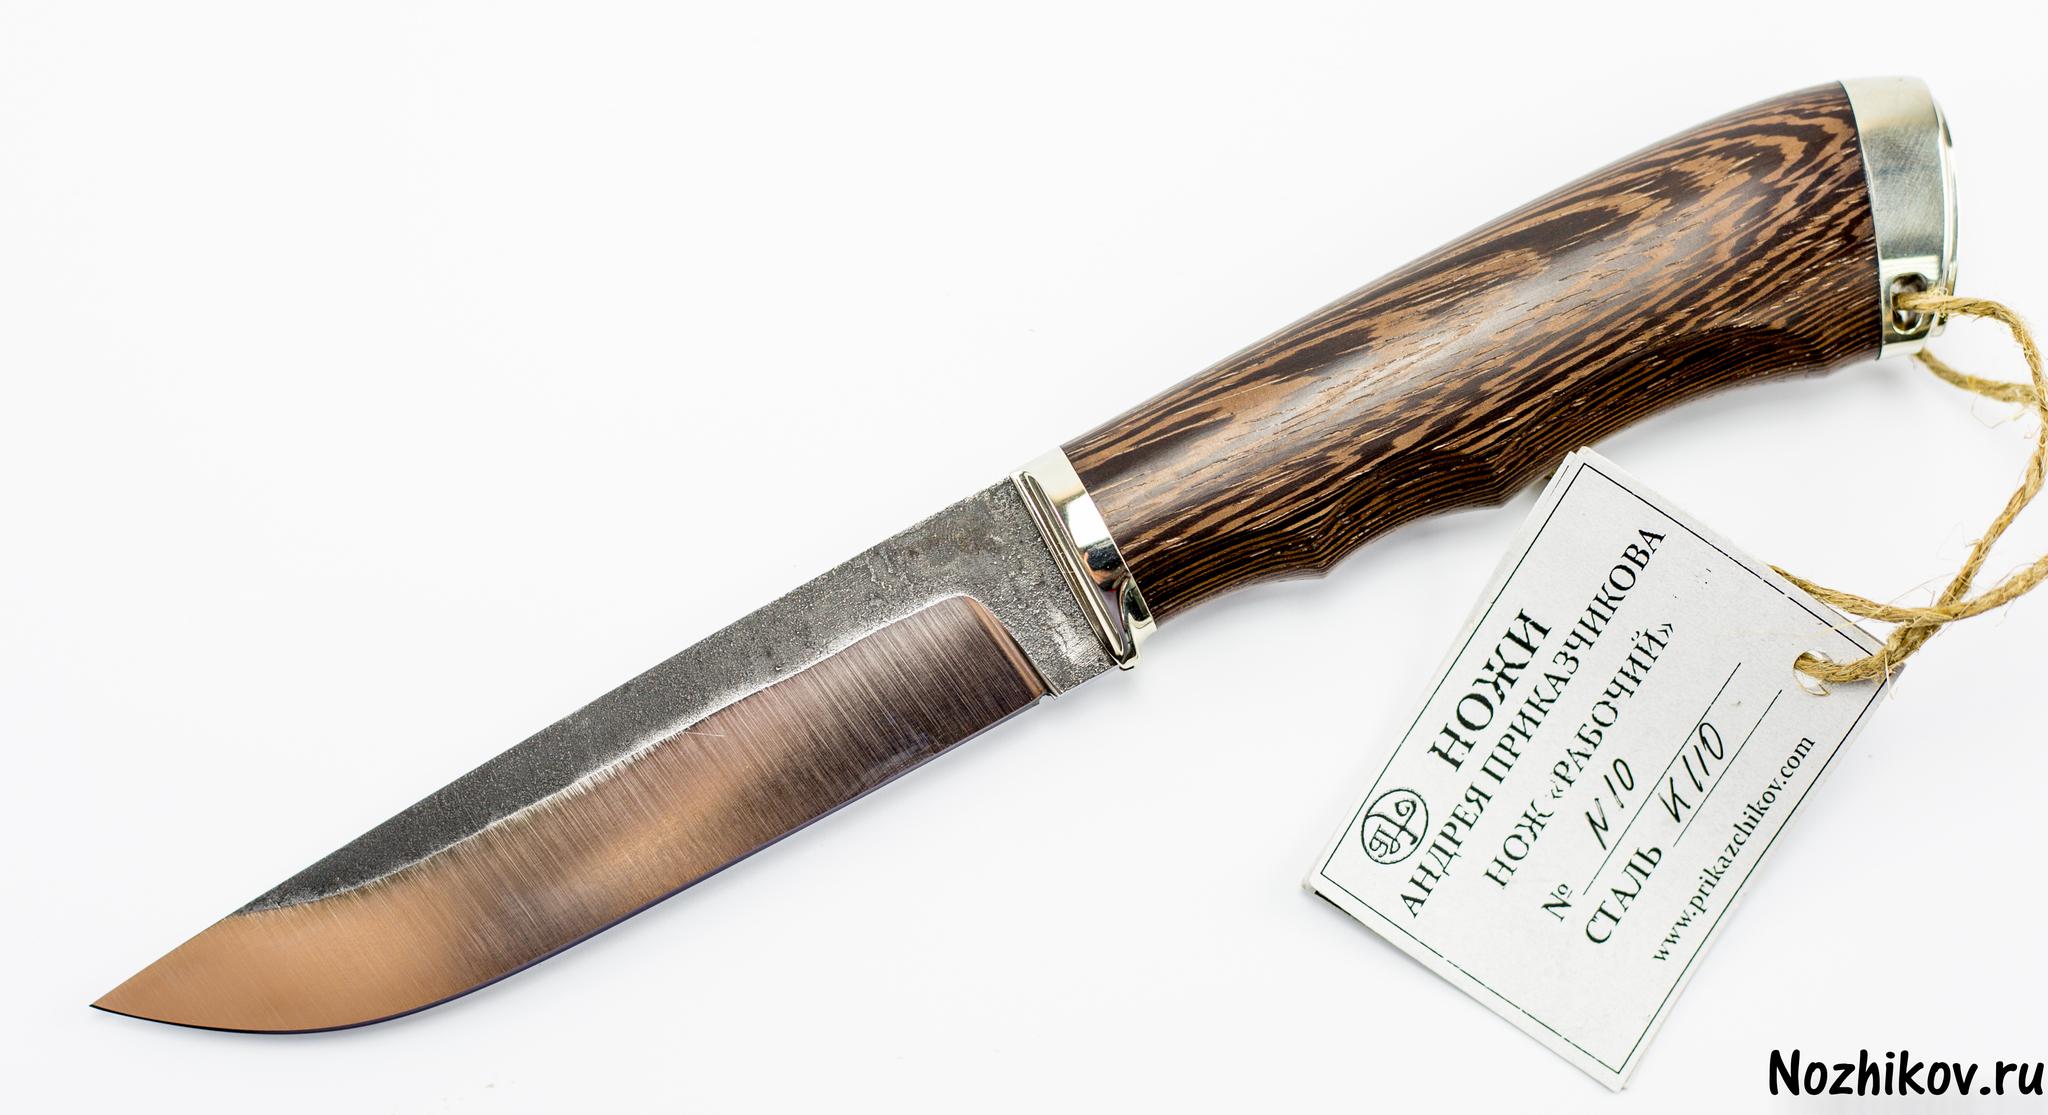 Нож Рабочий №10 из K110, от ПриказчиковаНожи Павлово<br><br>